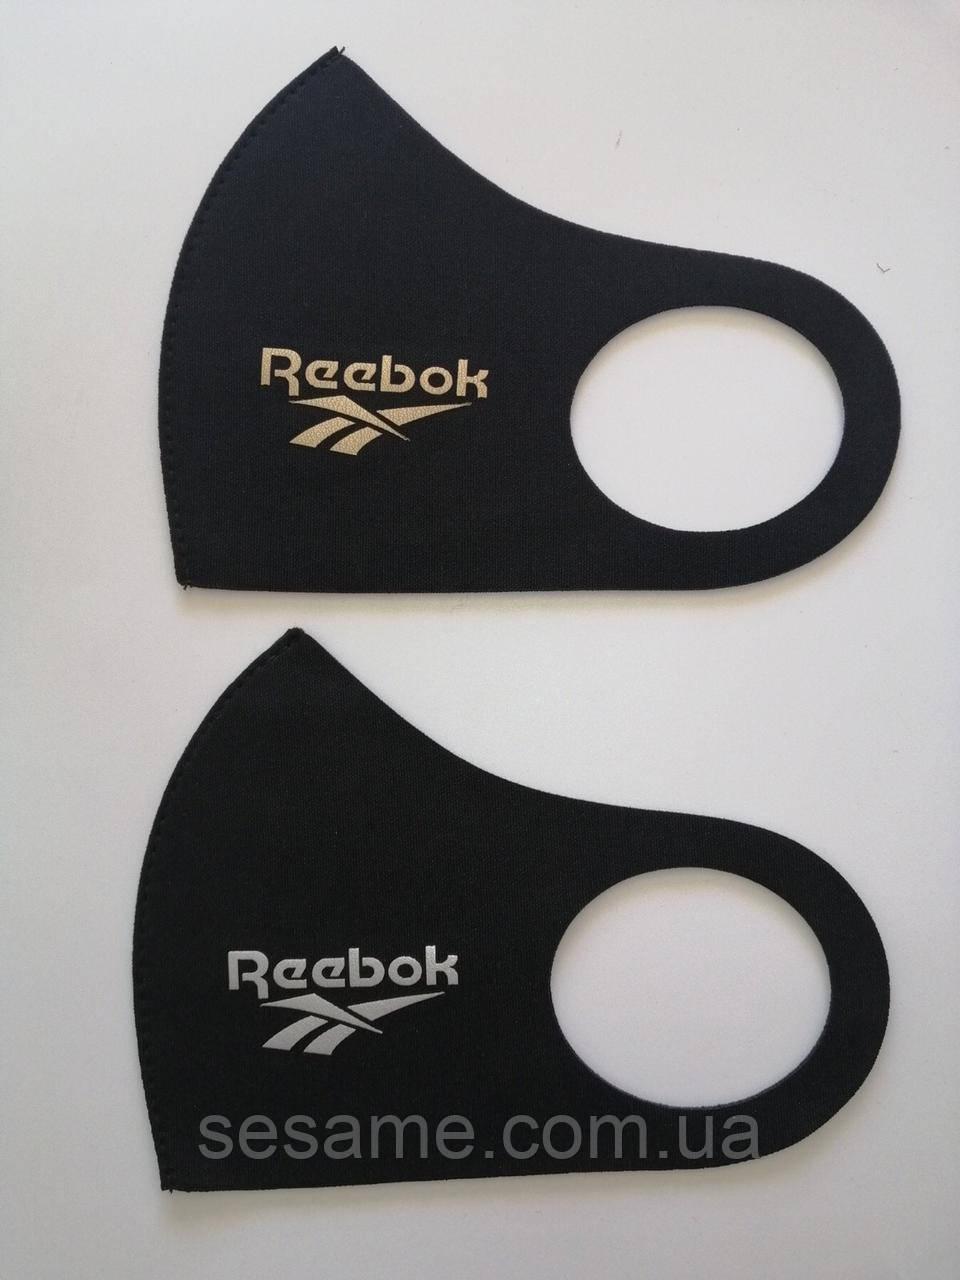 Защитная Маска Питта принт Reebok многоразовая маска